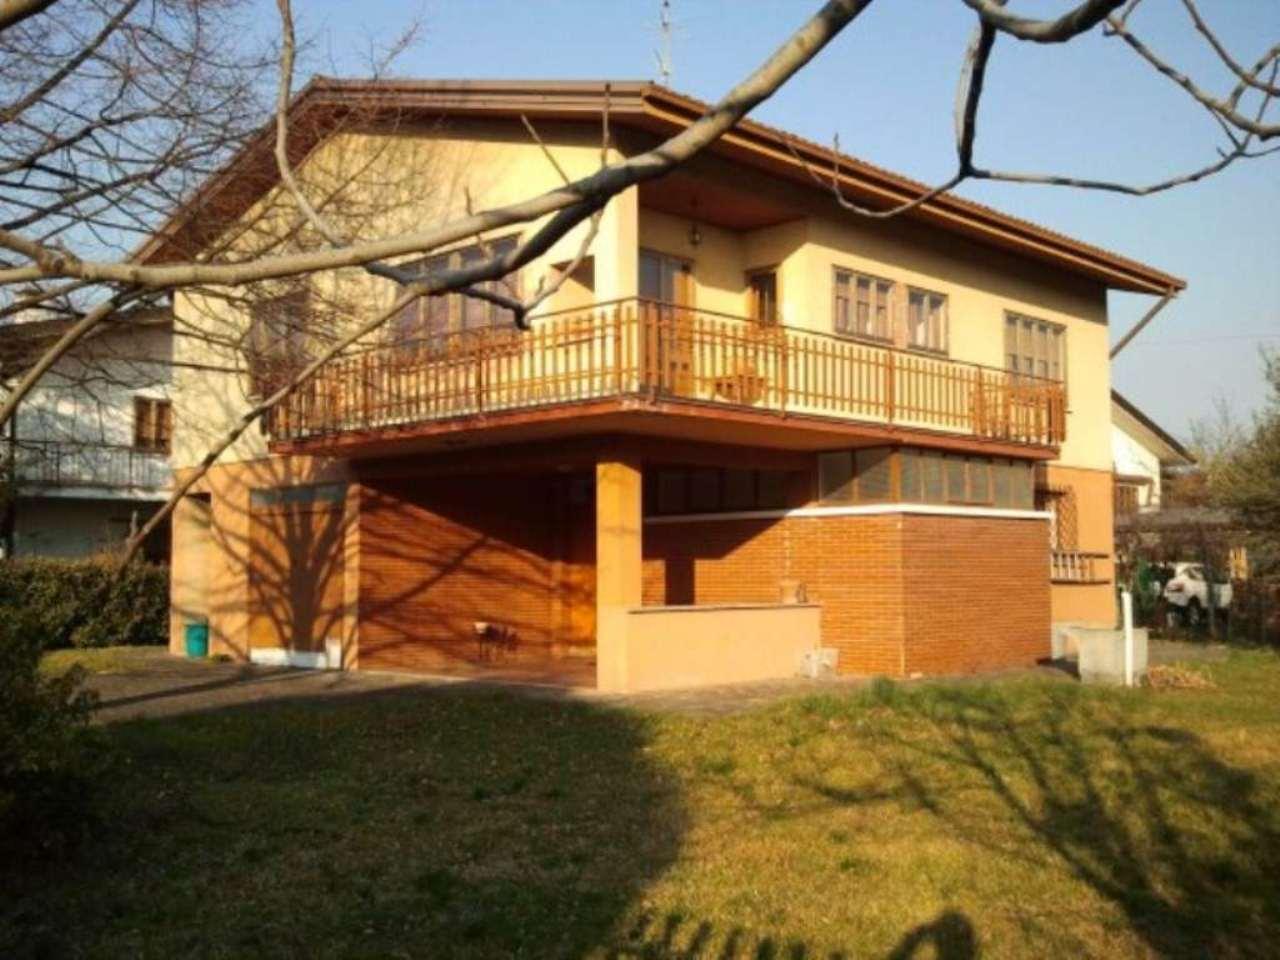 Villa in vendita a Cividale del Friuli, 6 locali, prezzo € 230.000 | Cambio Casa.it